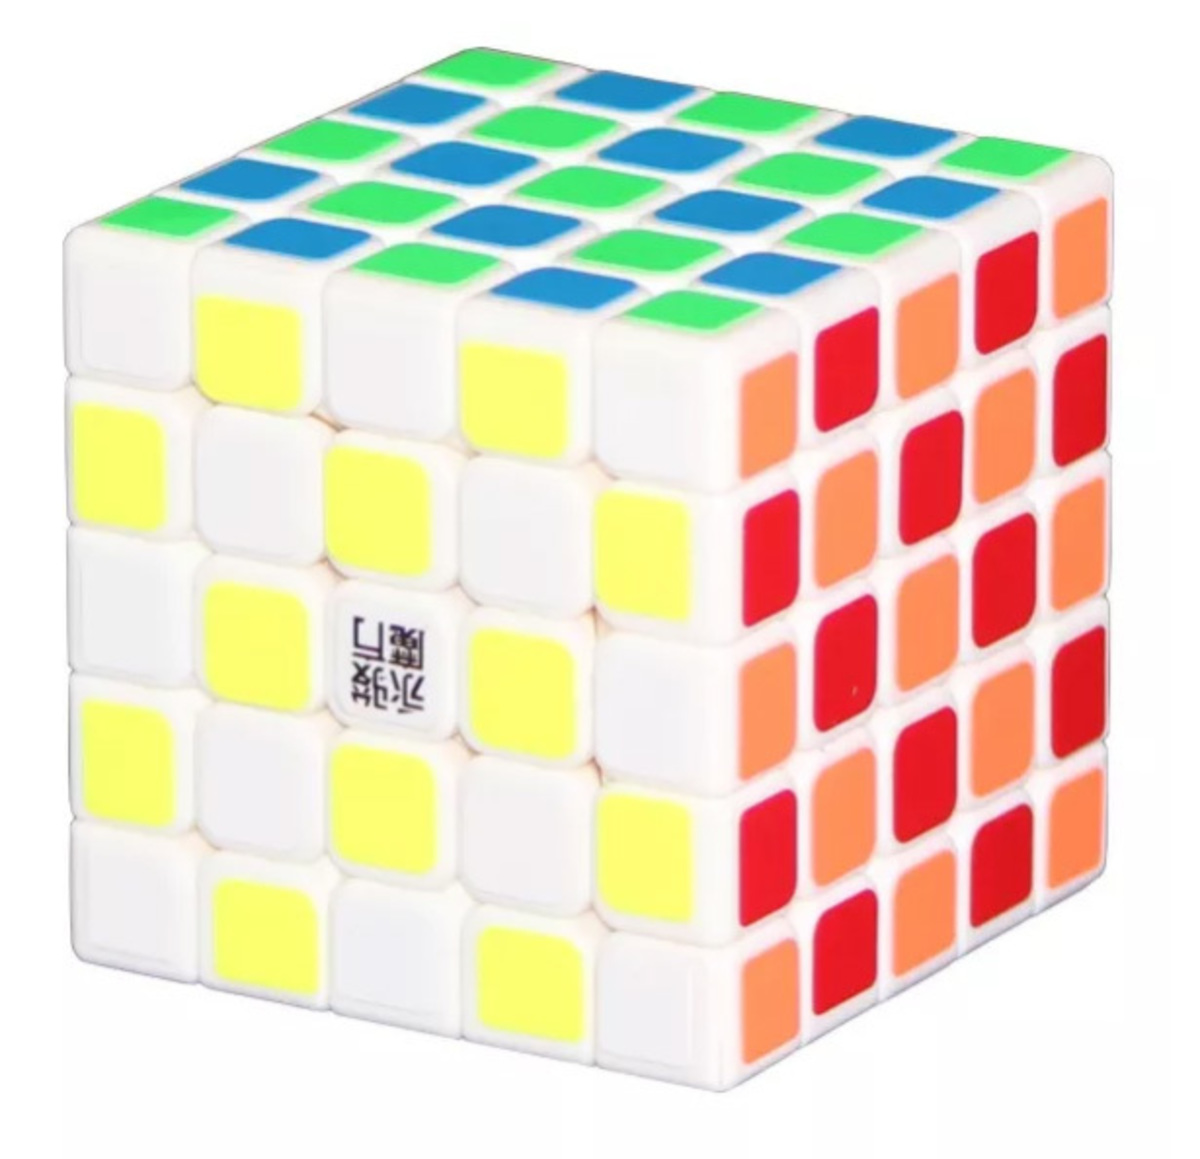 5x5x5 Yuchuang YJ